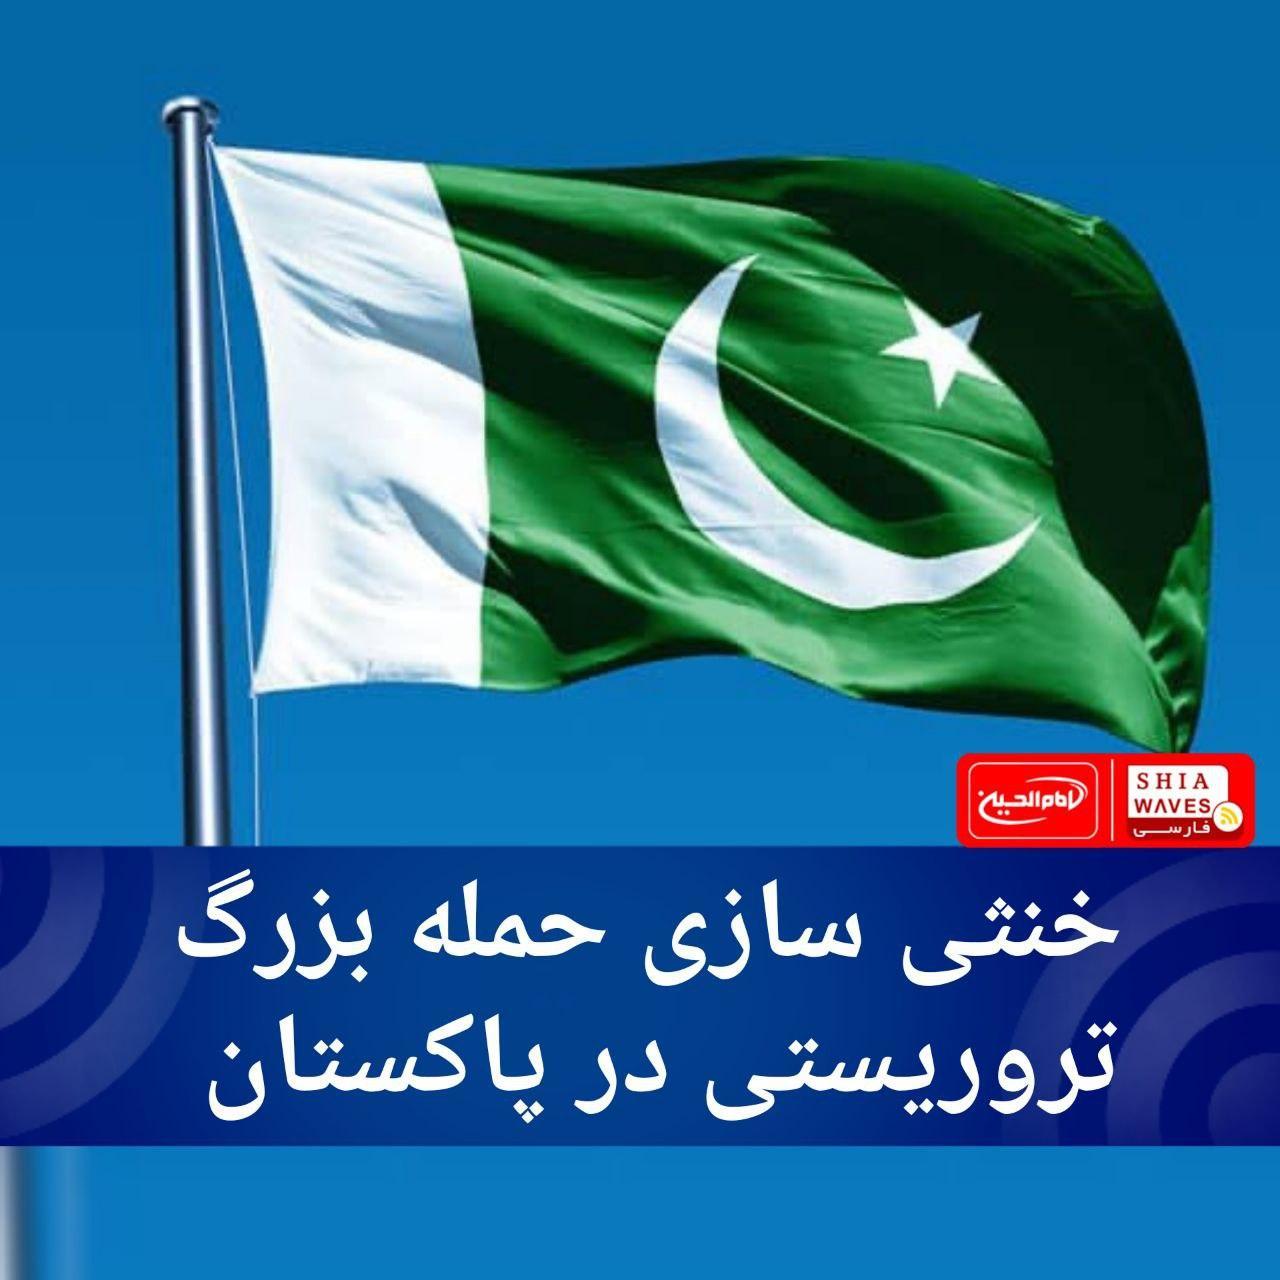 تصویر خنثی سازی حمله بزرگ تروریستی در پاکستان